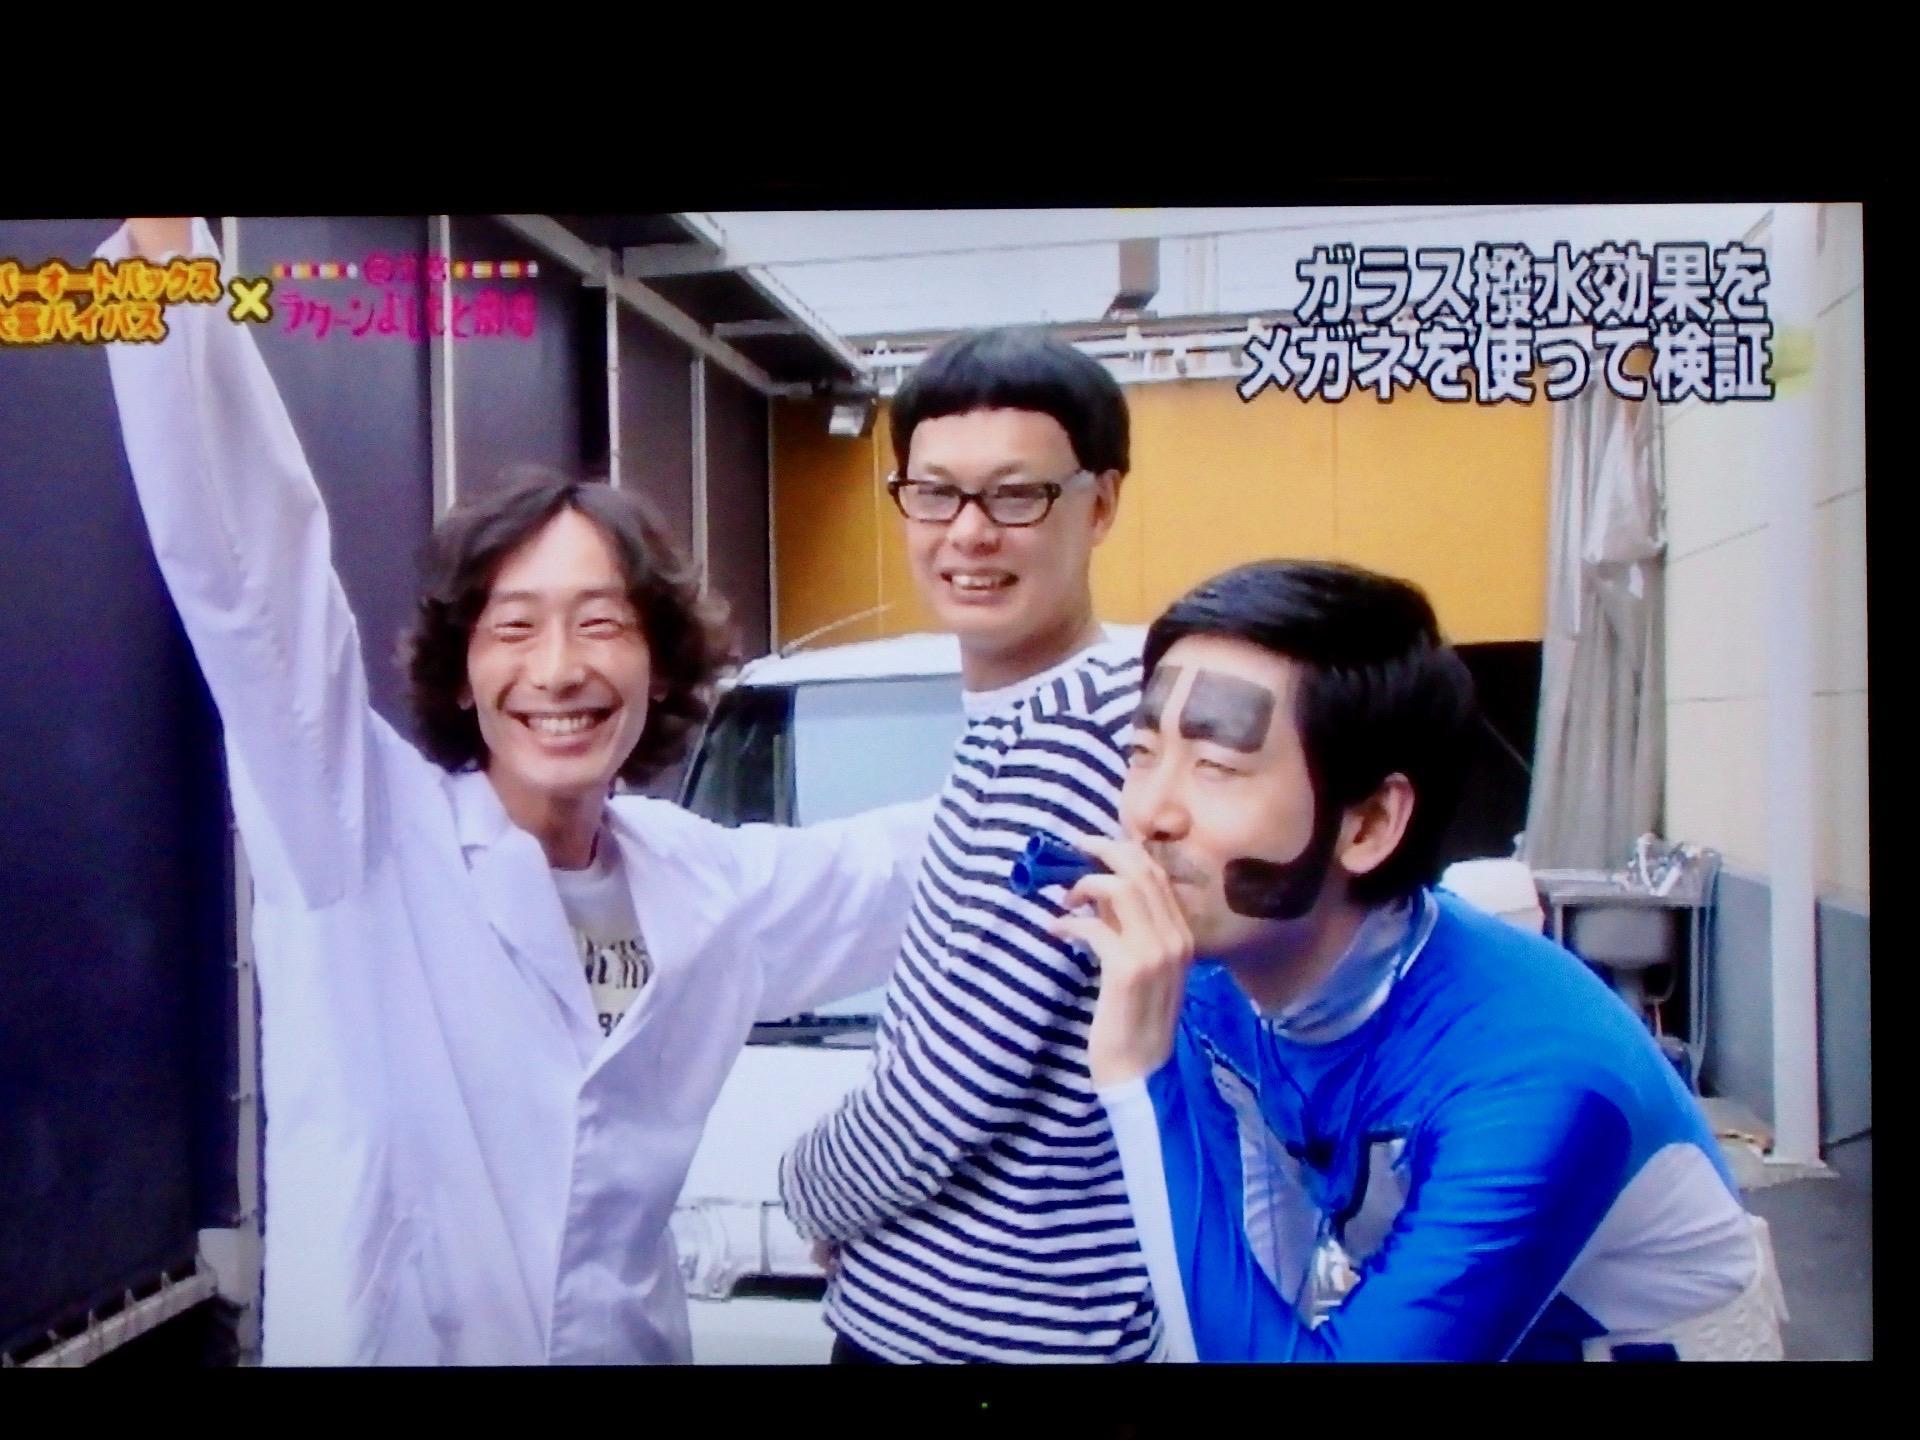 http://news.yoshimoto.co.jp/20171016142856-e3f74594fc8bb0f4d4a2b0d1c28a3bb7c759faf5.jpg